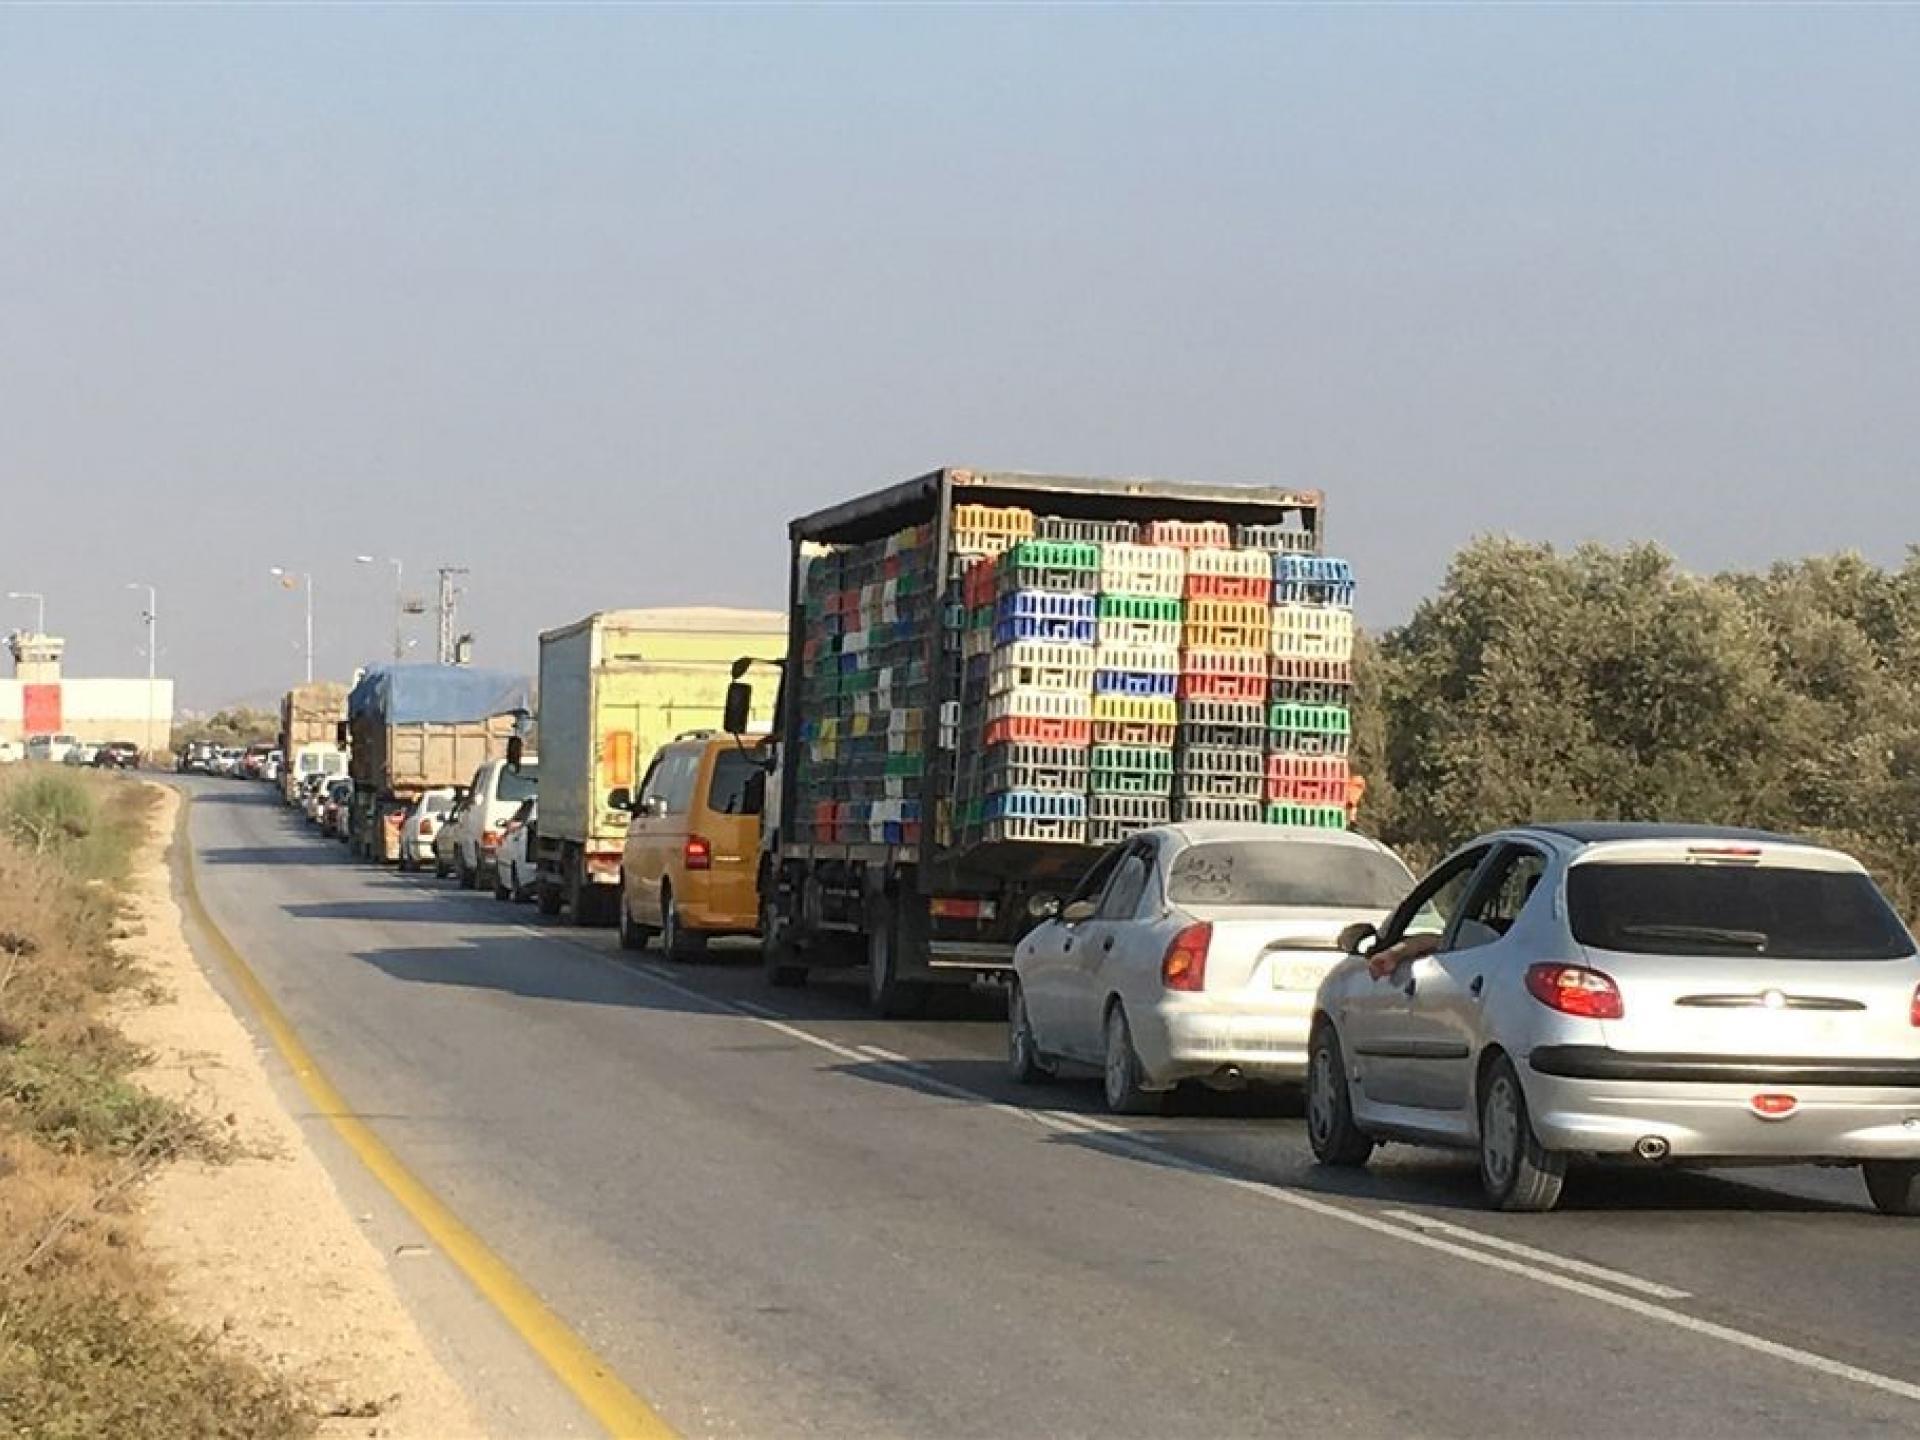 כלי רכב בתור למחסום יעבד